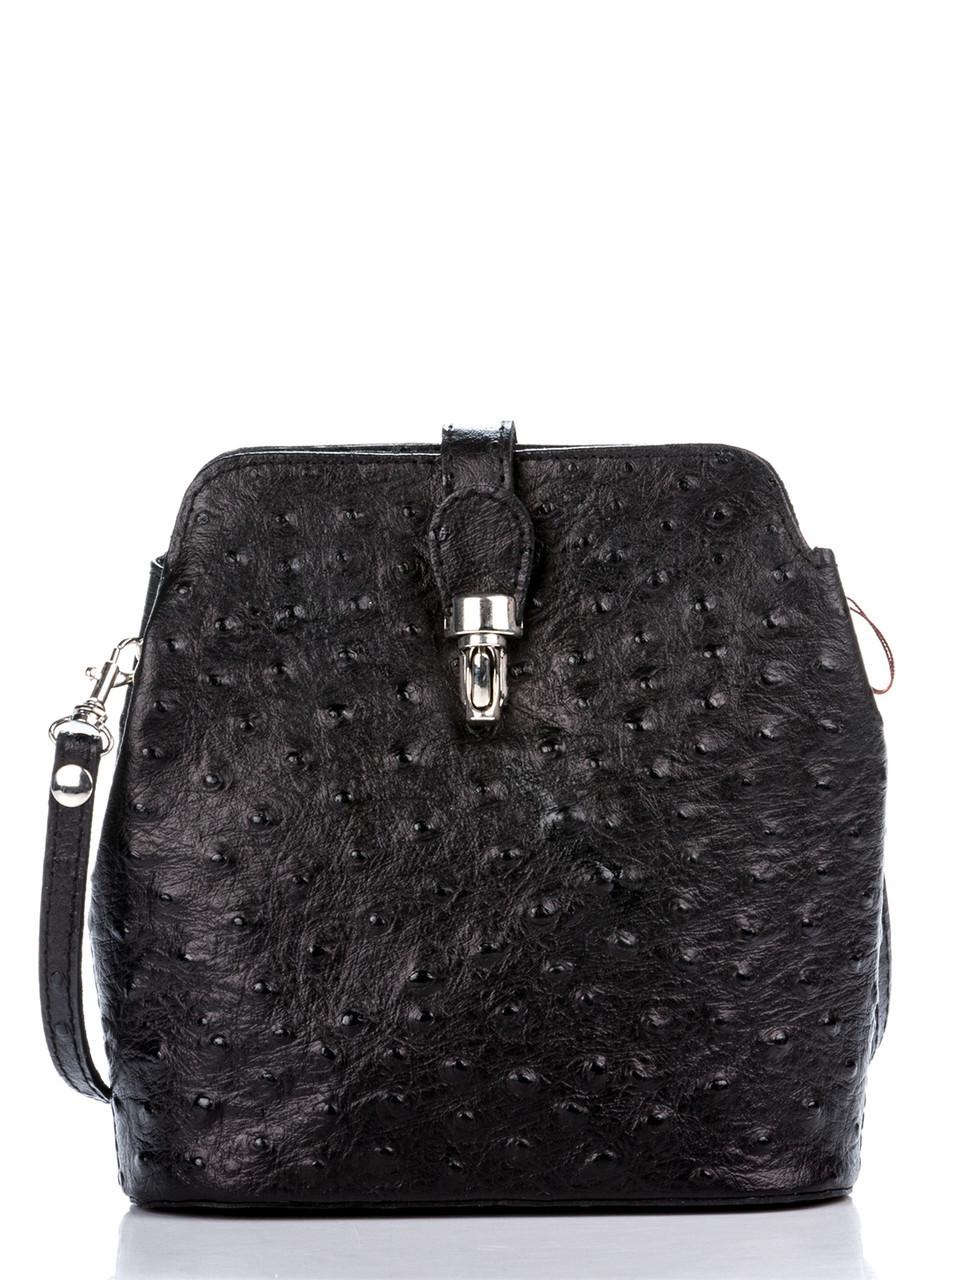 Стильная женская кожаная сумка INES Diva's Bag цвет черный